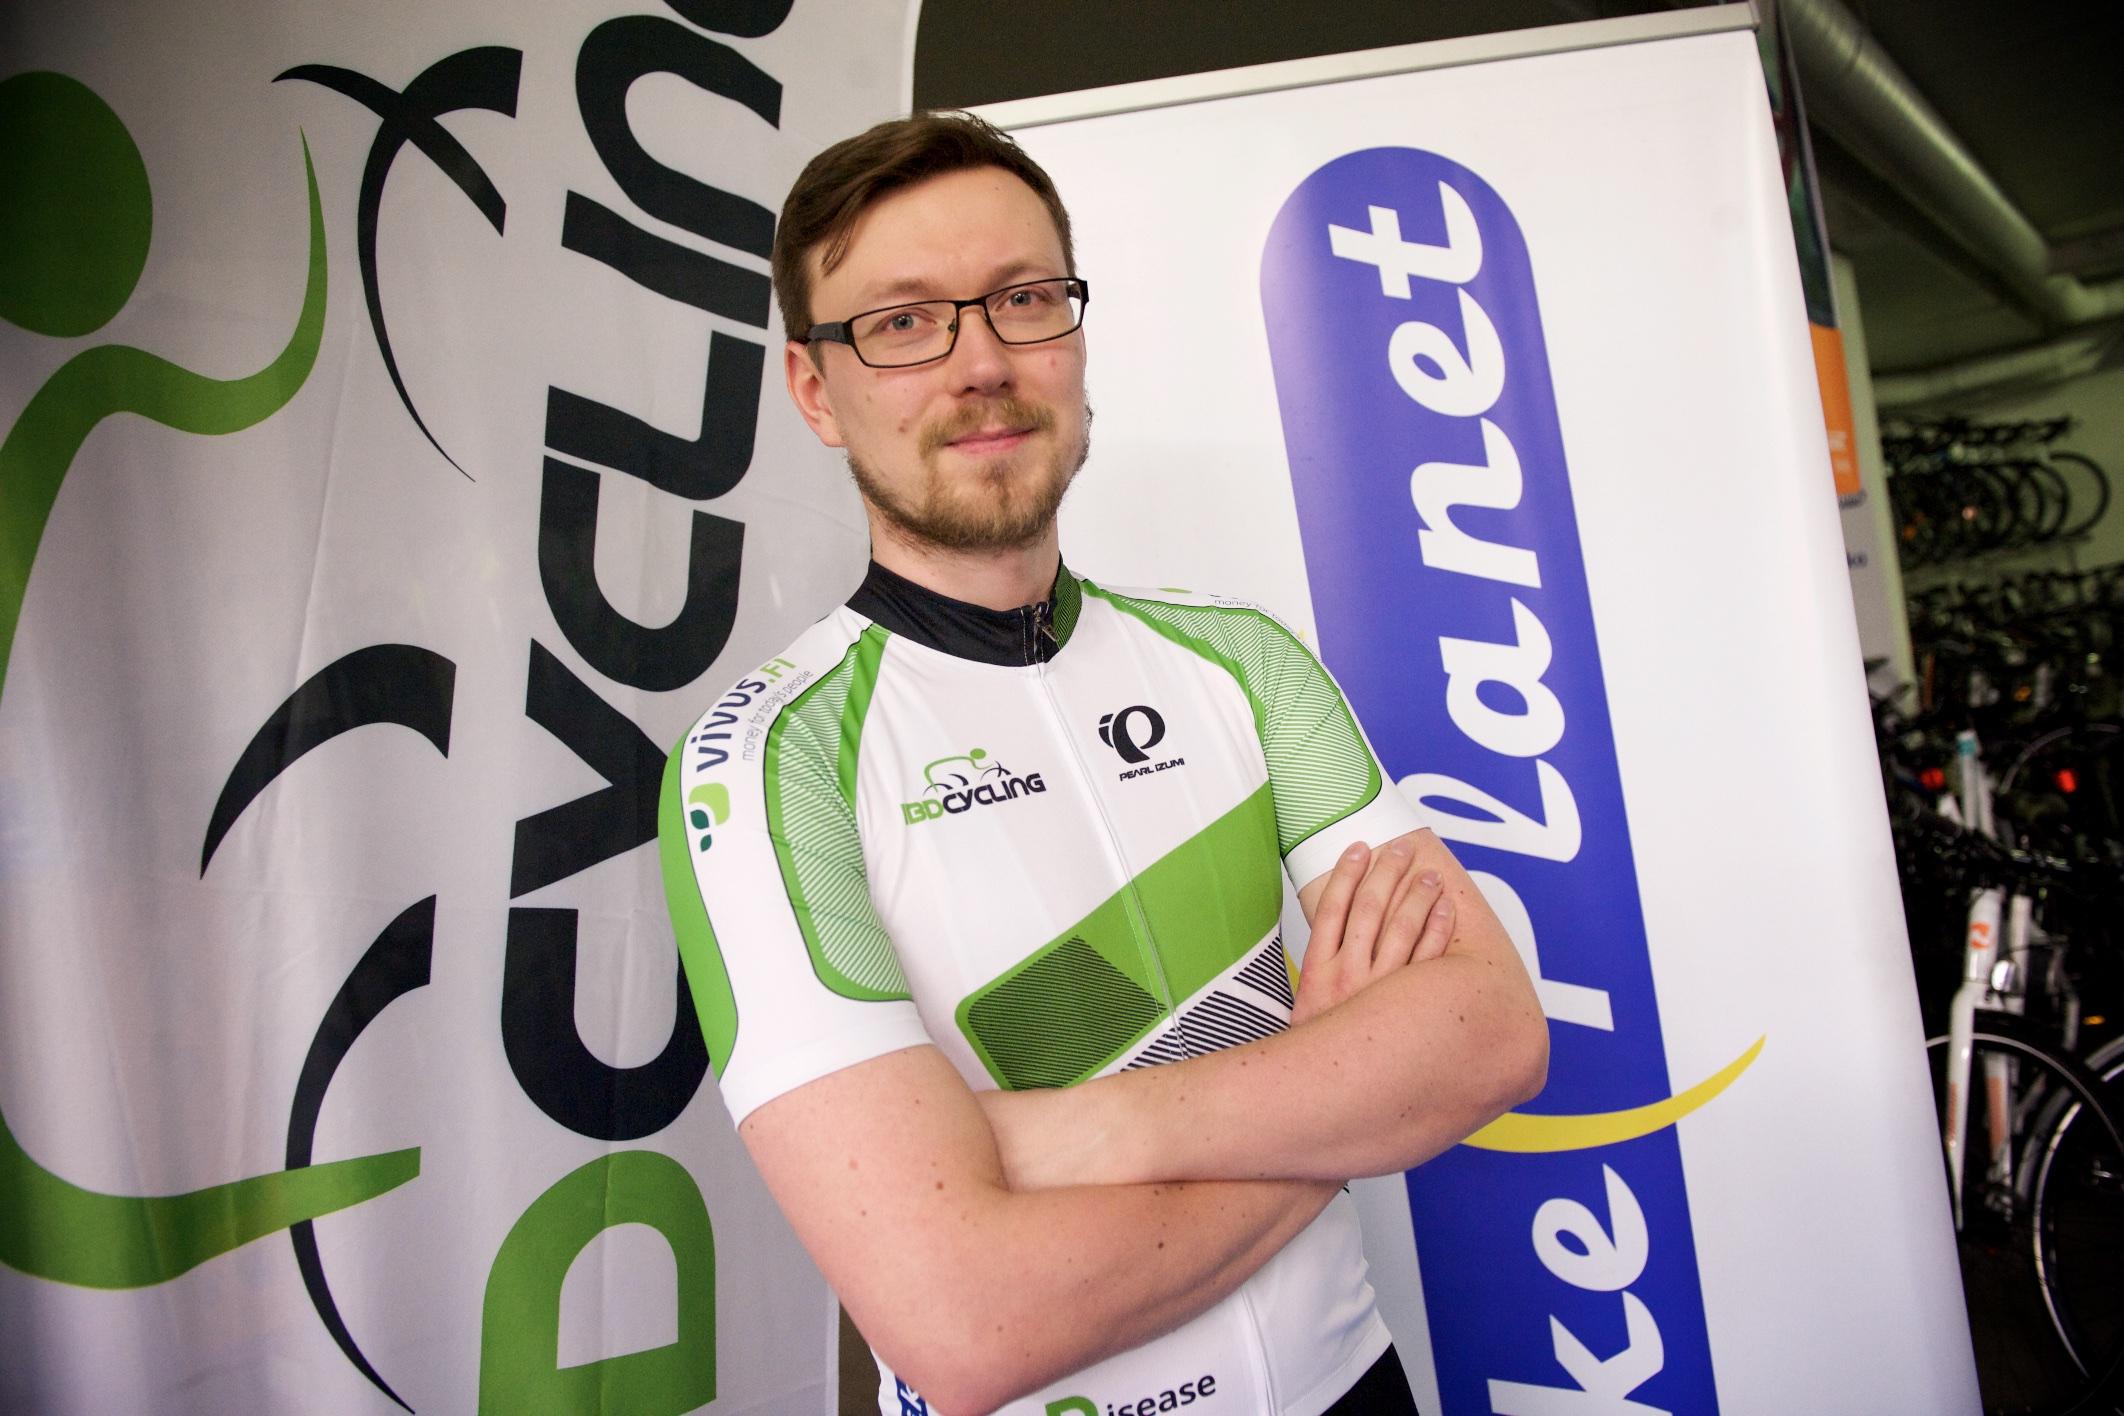 Mikko Kauppi